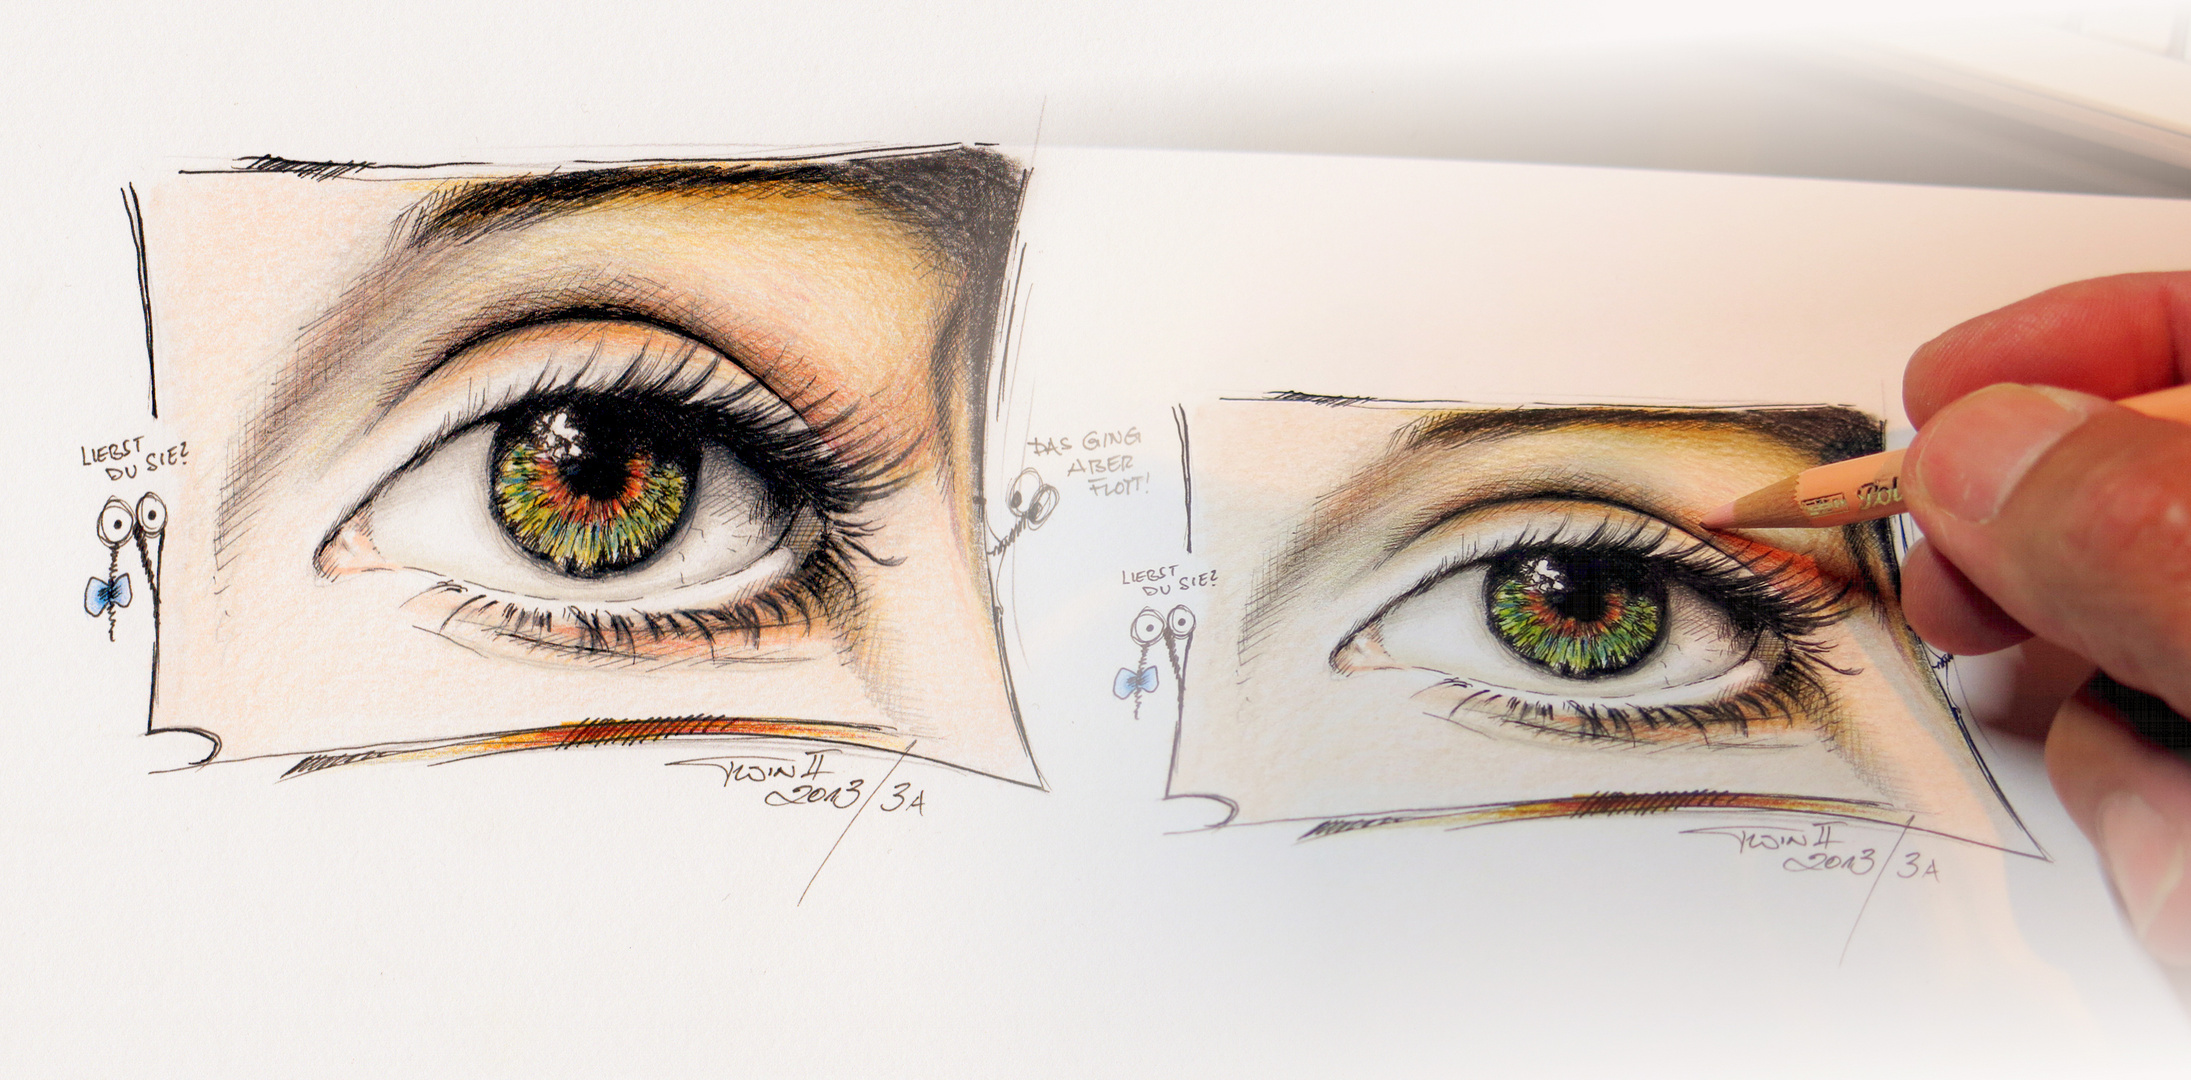 Auge die 2. Version